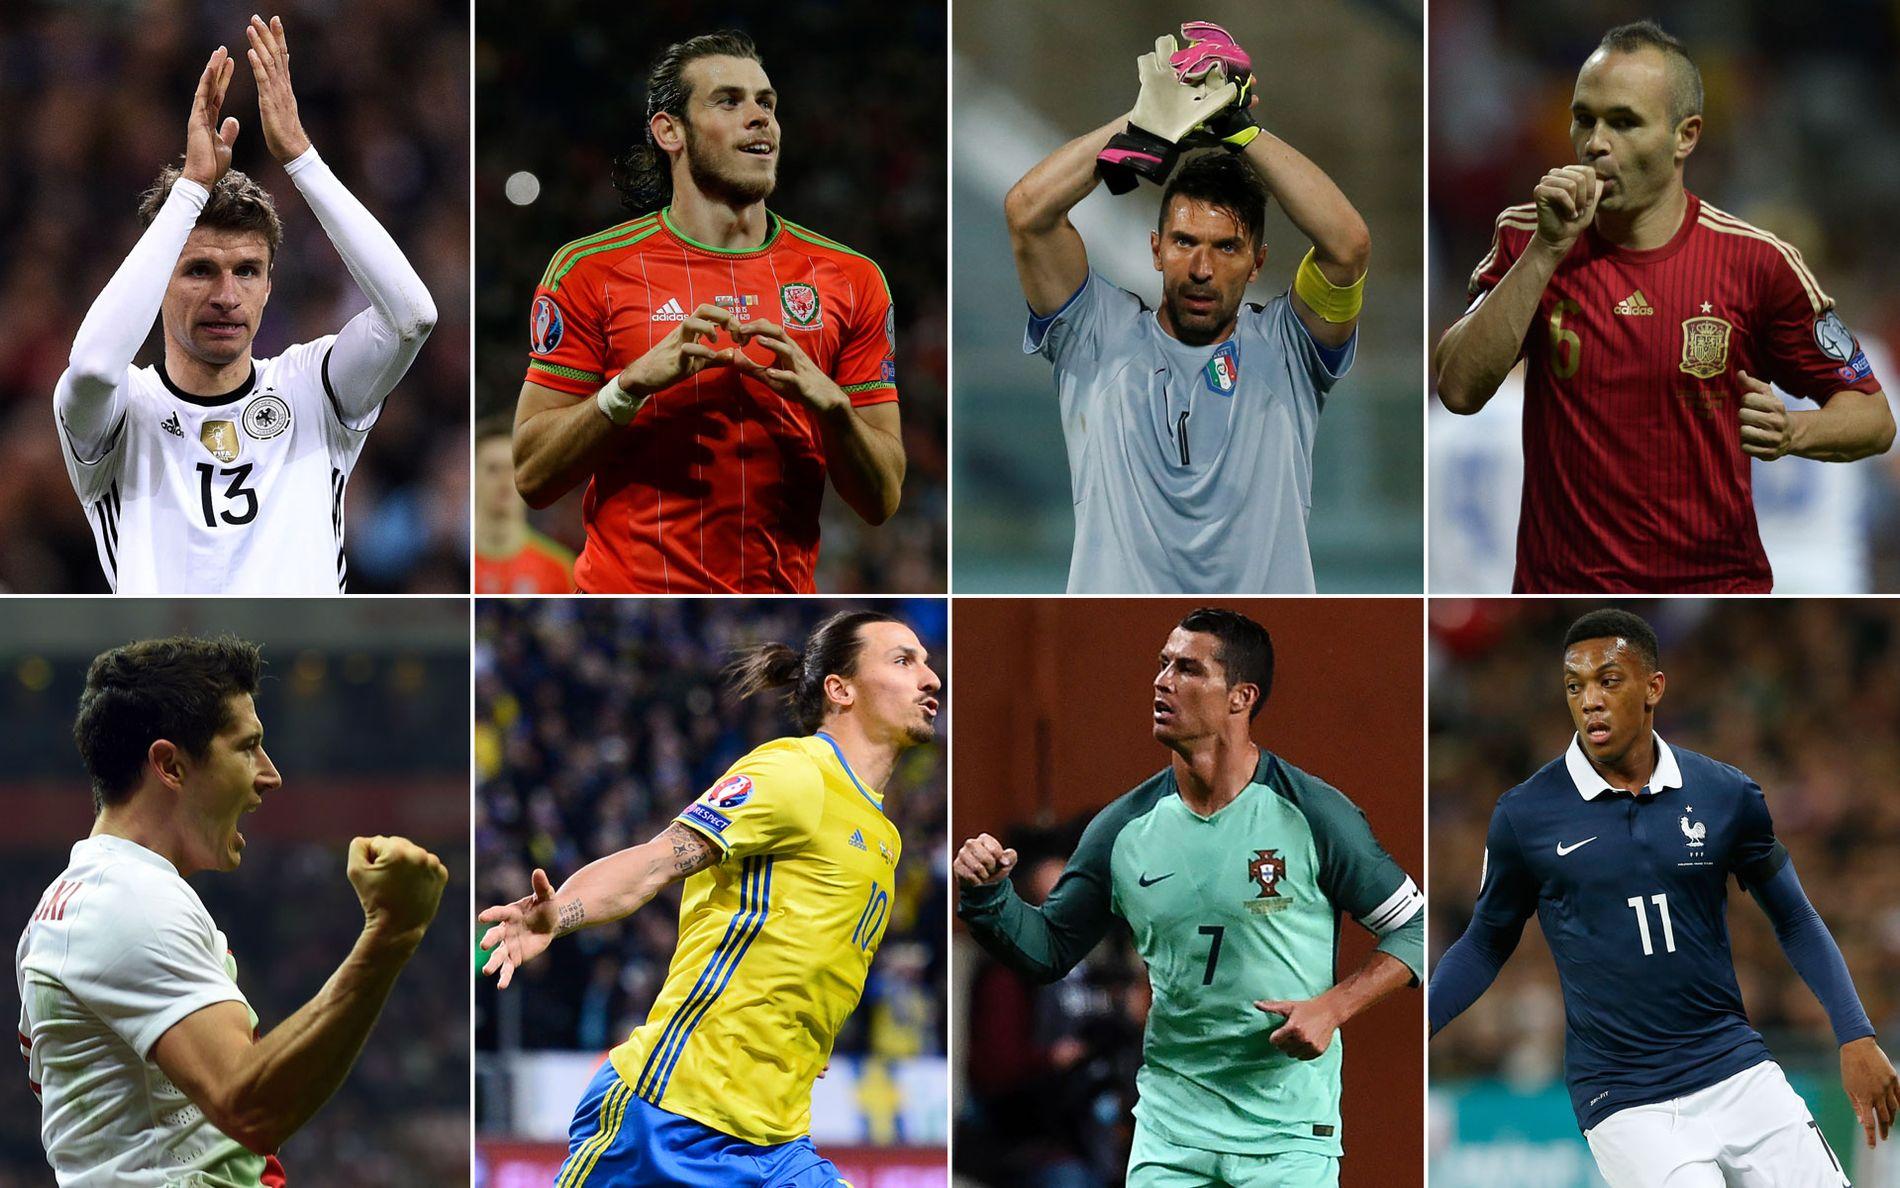 STJERNESPEKKET: Øverst fra venstre: Thomas Müller, Gareth Bale, Gianluigi Buffon og Andrés Iniesta. Nederst fra venstre: Robert Lewandowski, Zlatan Ibrahimovic, Cristiano Ronaldo og Anthony Martial.